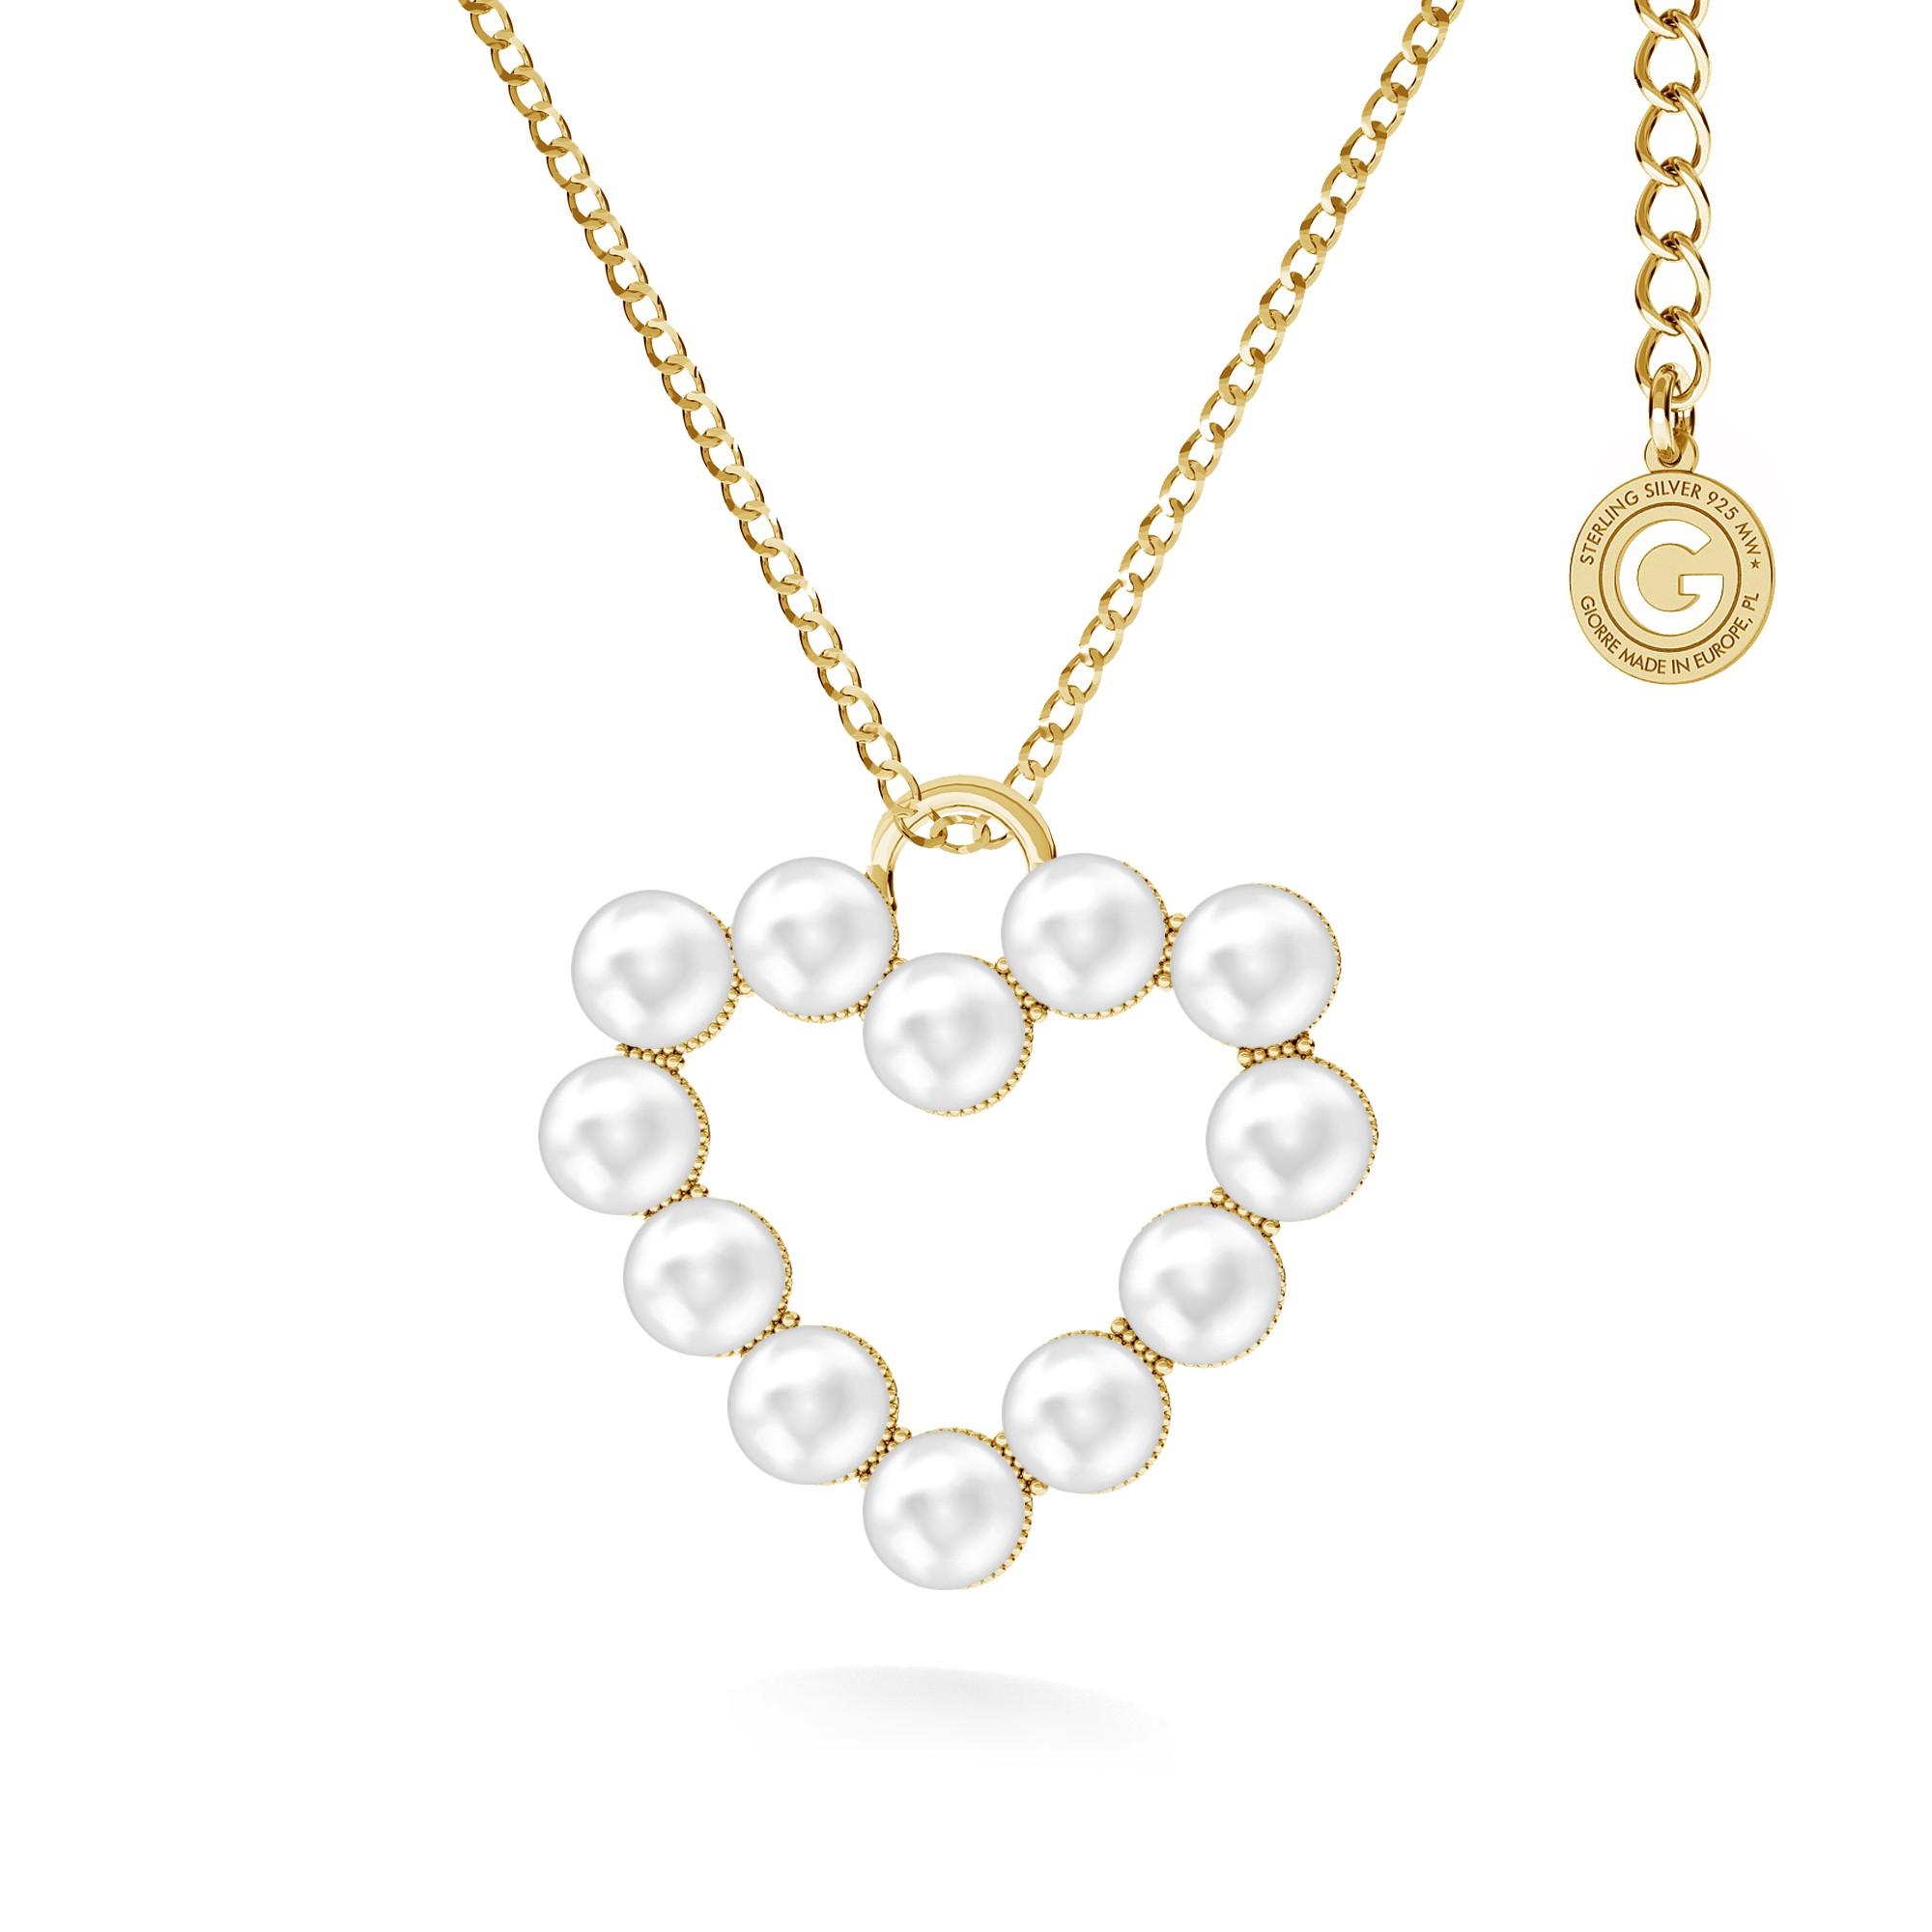 Collar con corazón de perlas de swarovski, plata 925